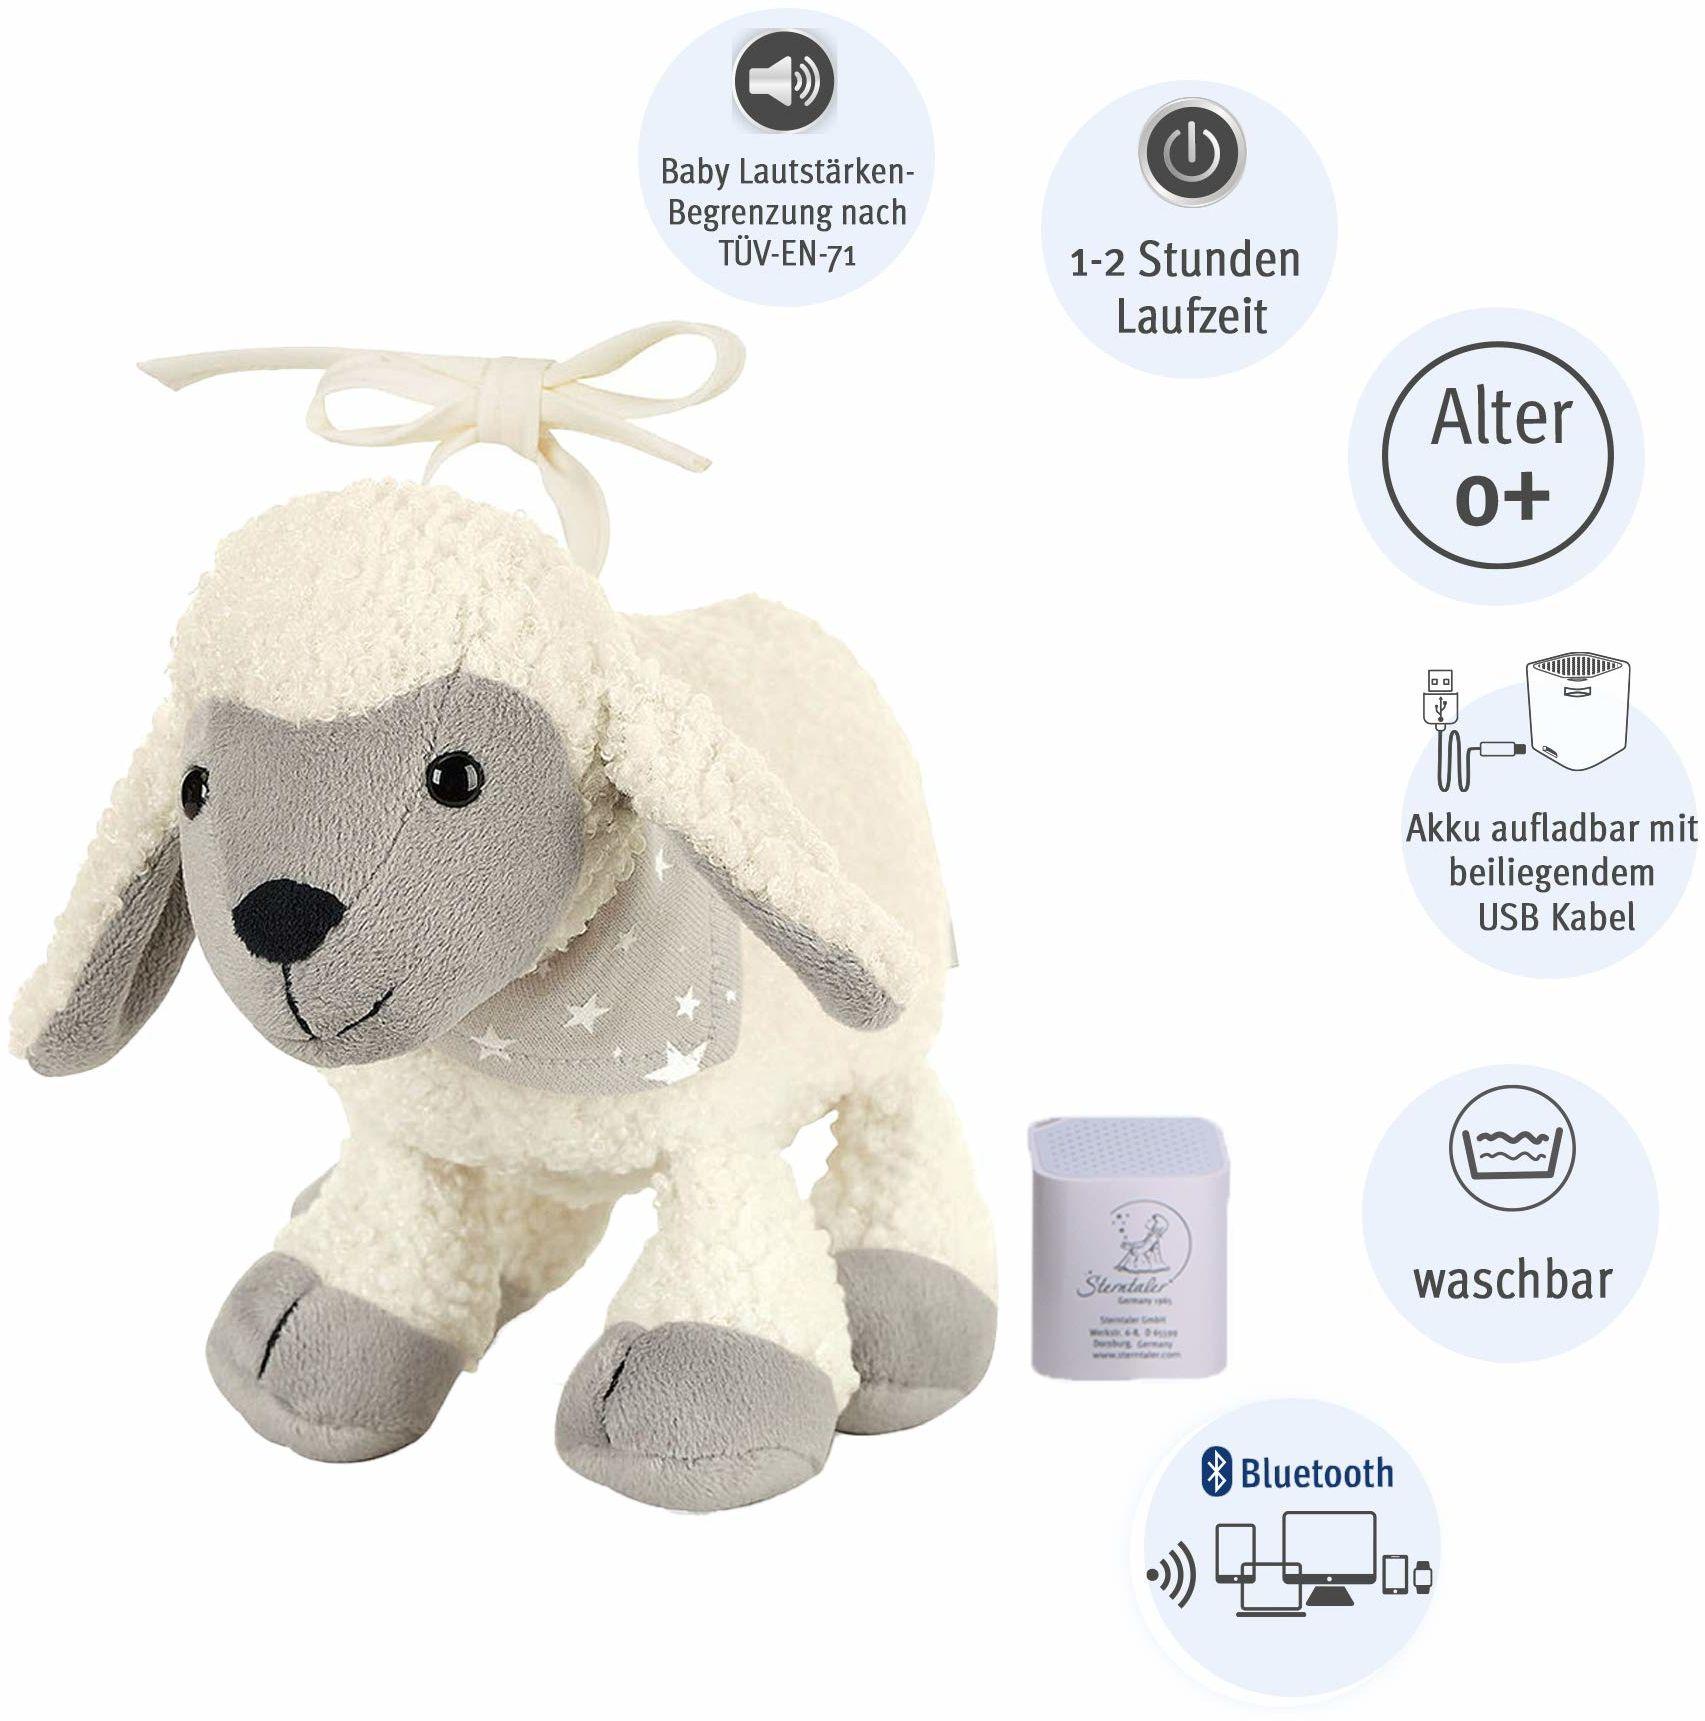 Sterntaler Chilling Box Owca Stanley, cyfrowa pozytywka, wraz z głośnikiem Bluetooth i kablem USB, wiek: niemowlęta od urodzenia, 18x15x8 cm, beżowa